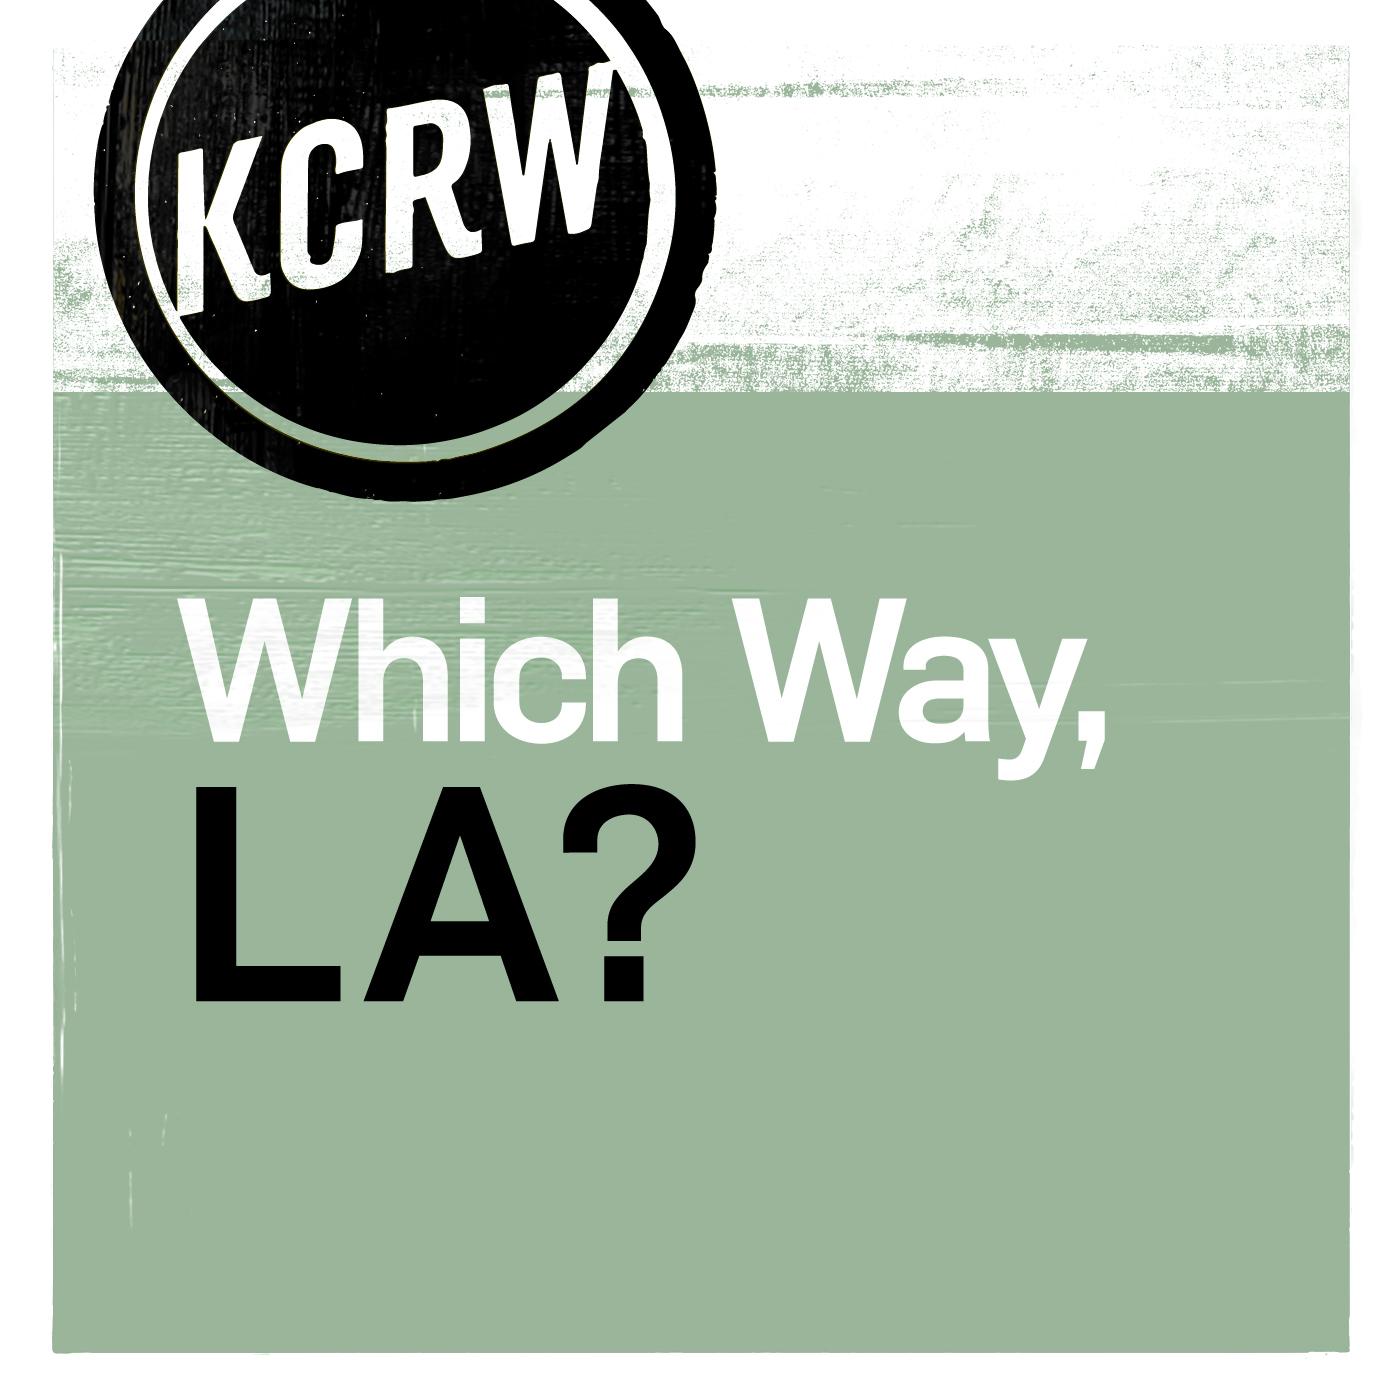 KCRW's Which Way, LA?